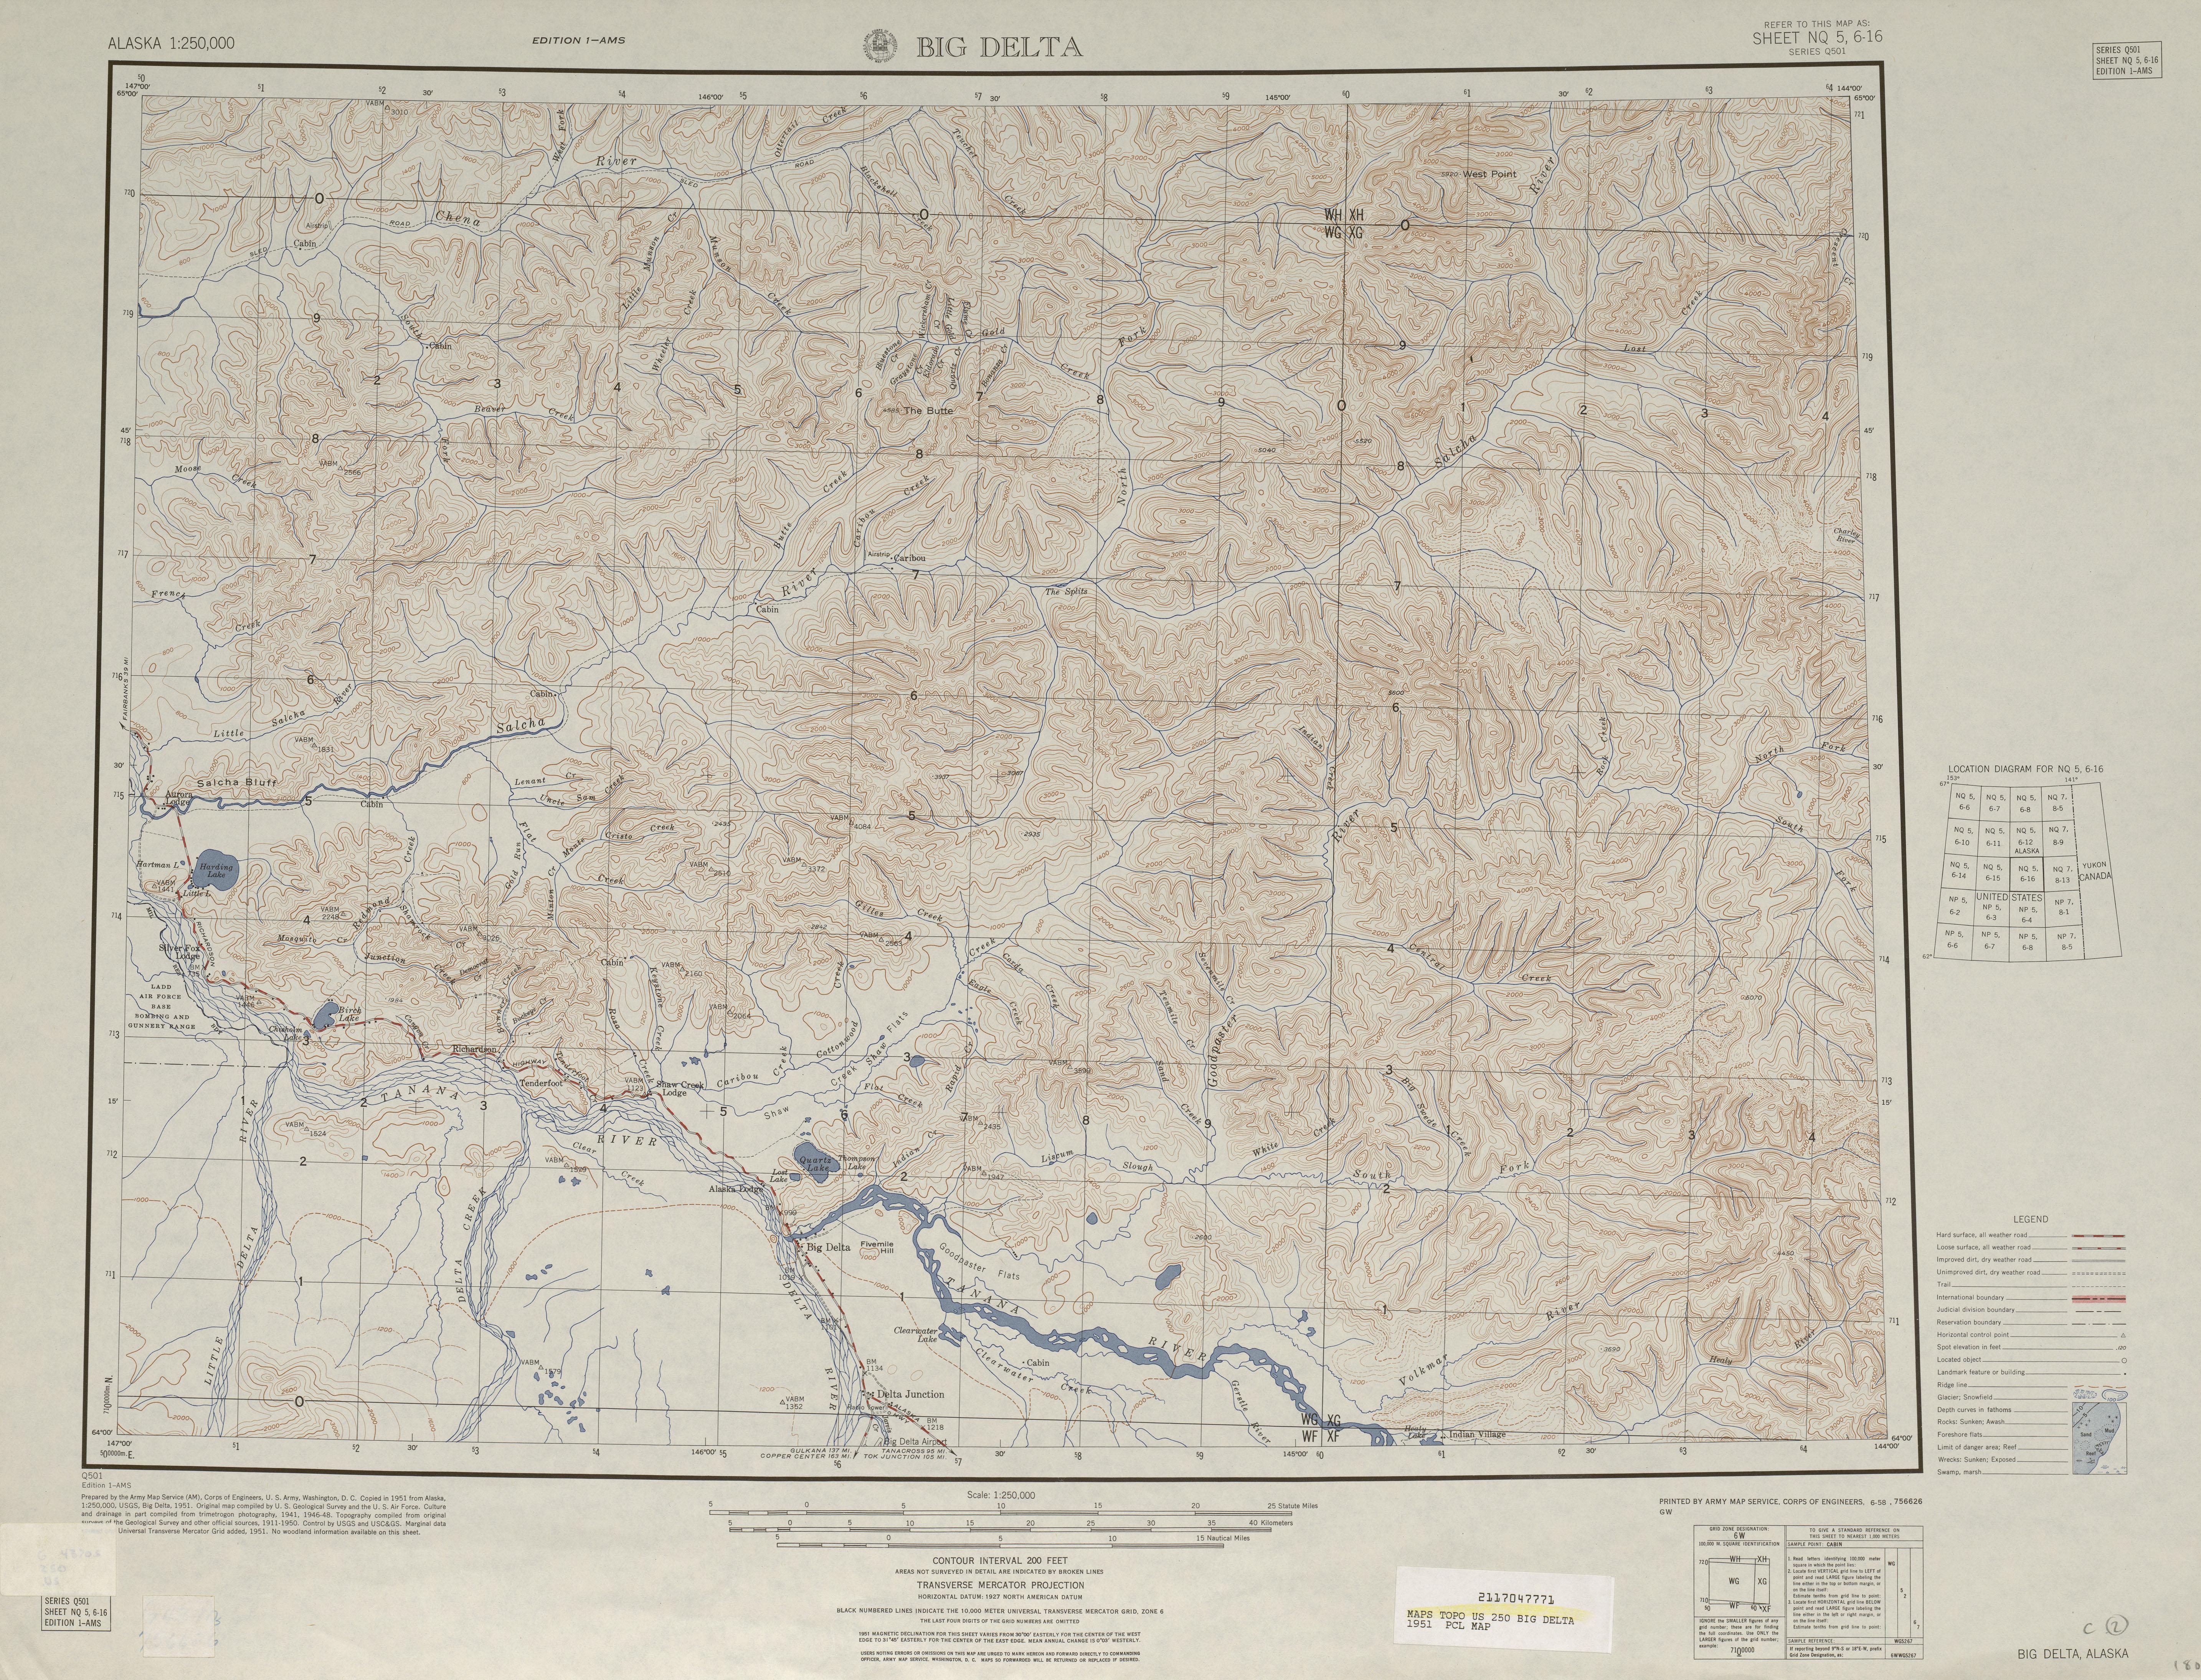 Hoja Big Delta del Mapa Topográfico de los Estados Unidos 1951